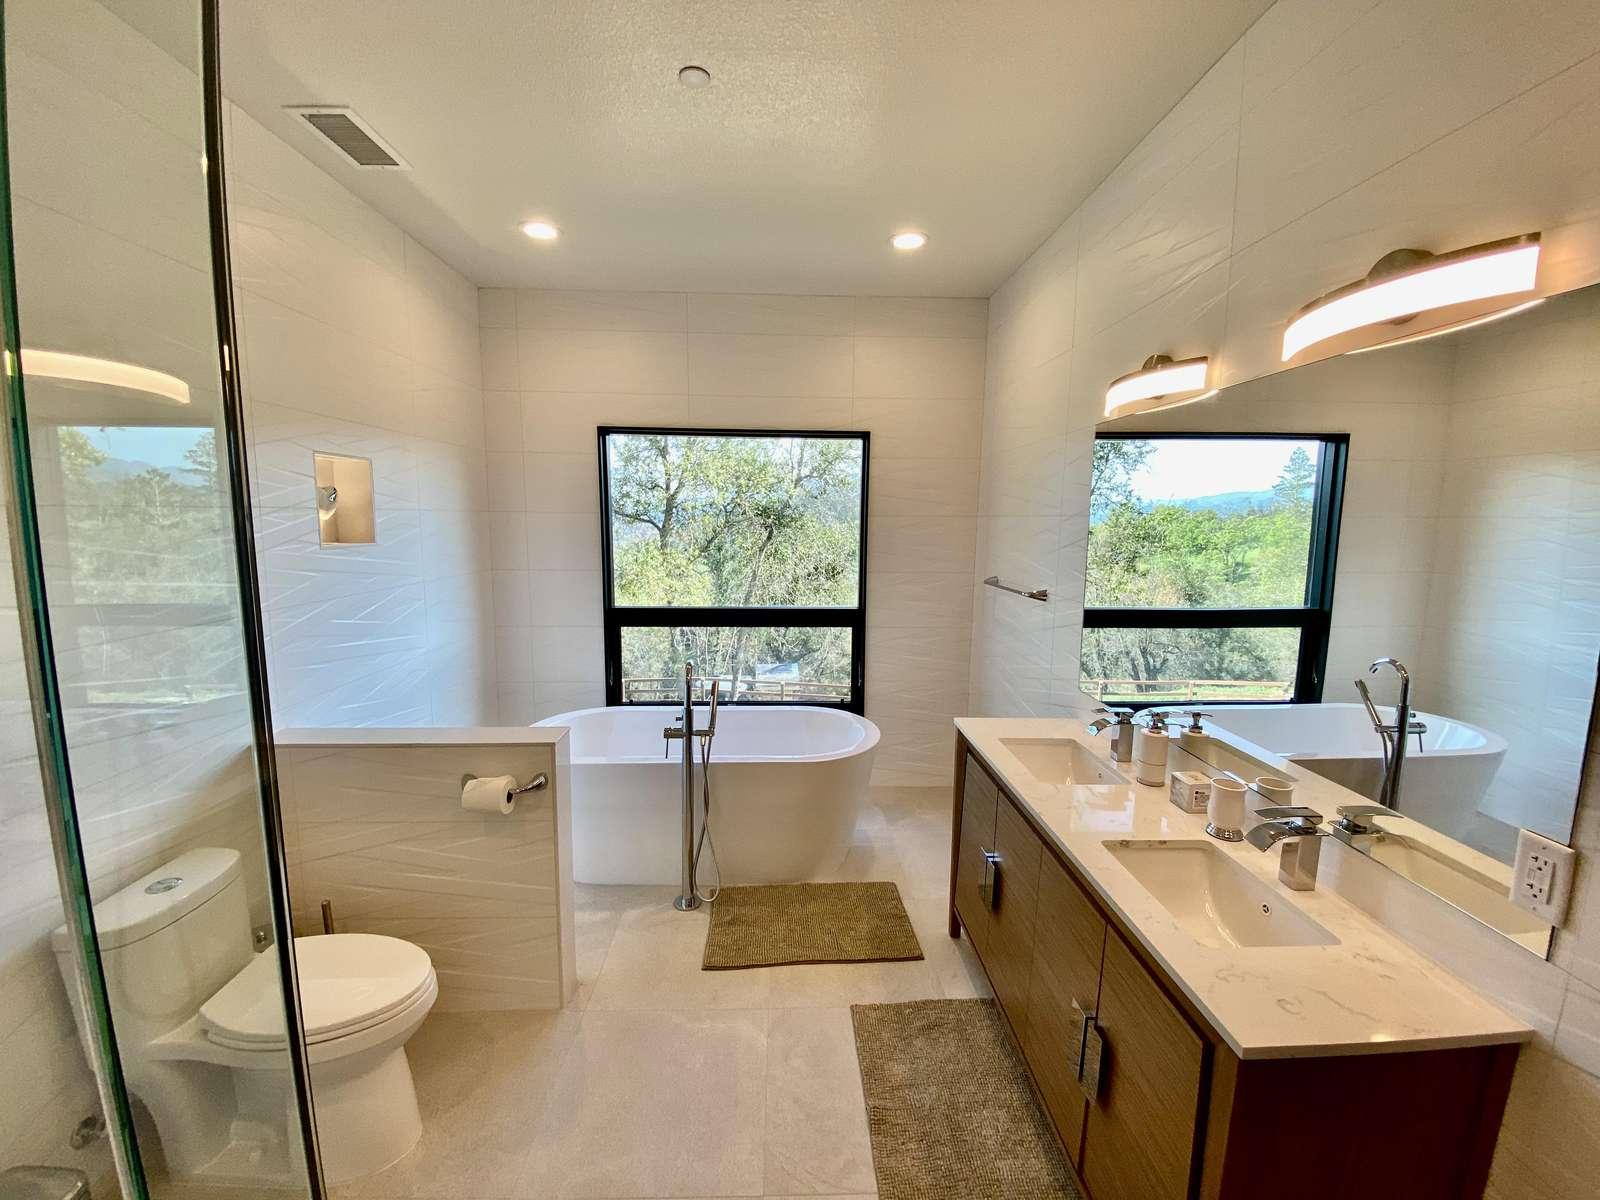 Bathroom 3 (Ensuite w/ Bedroom 3)